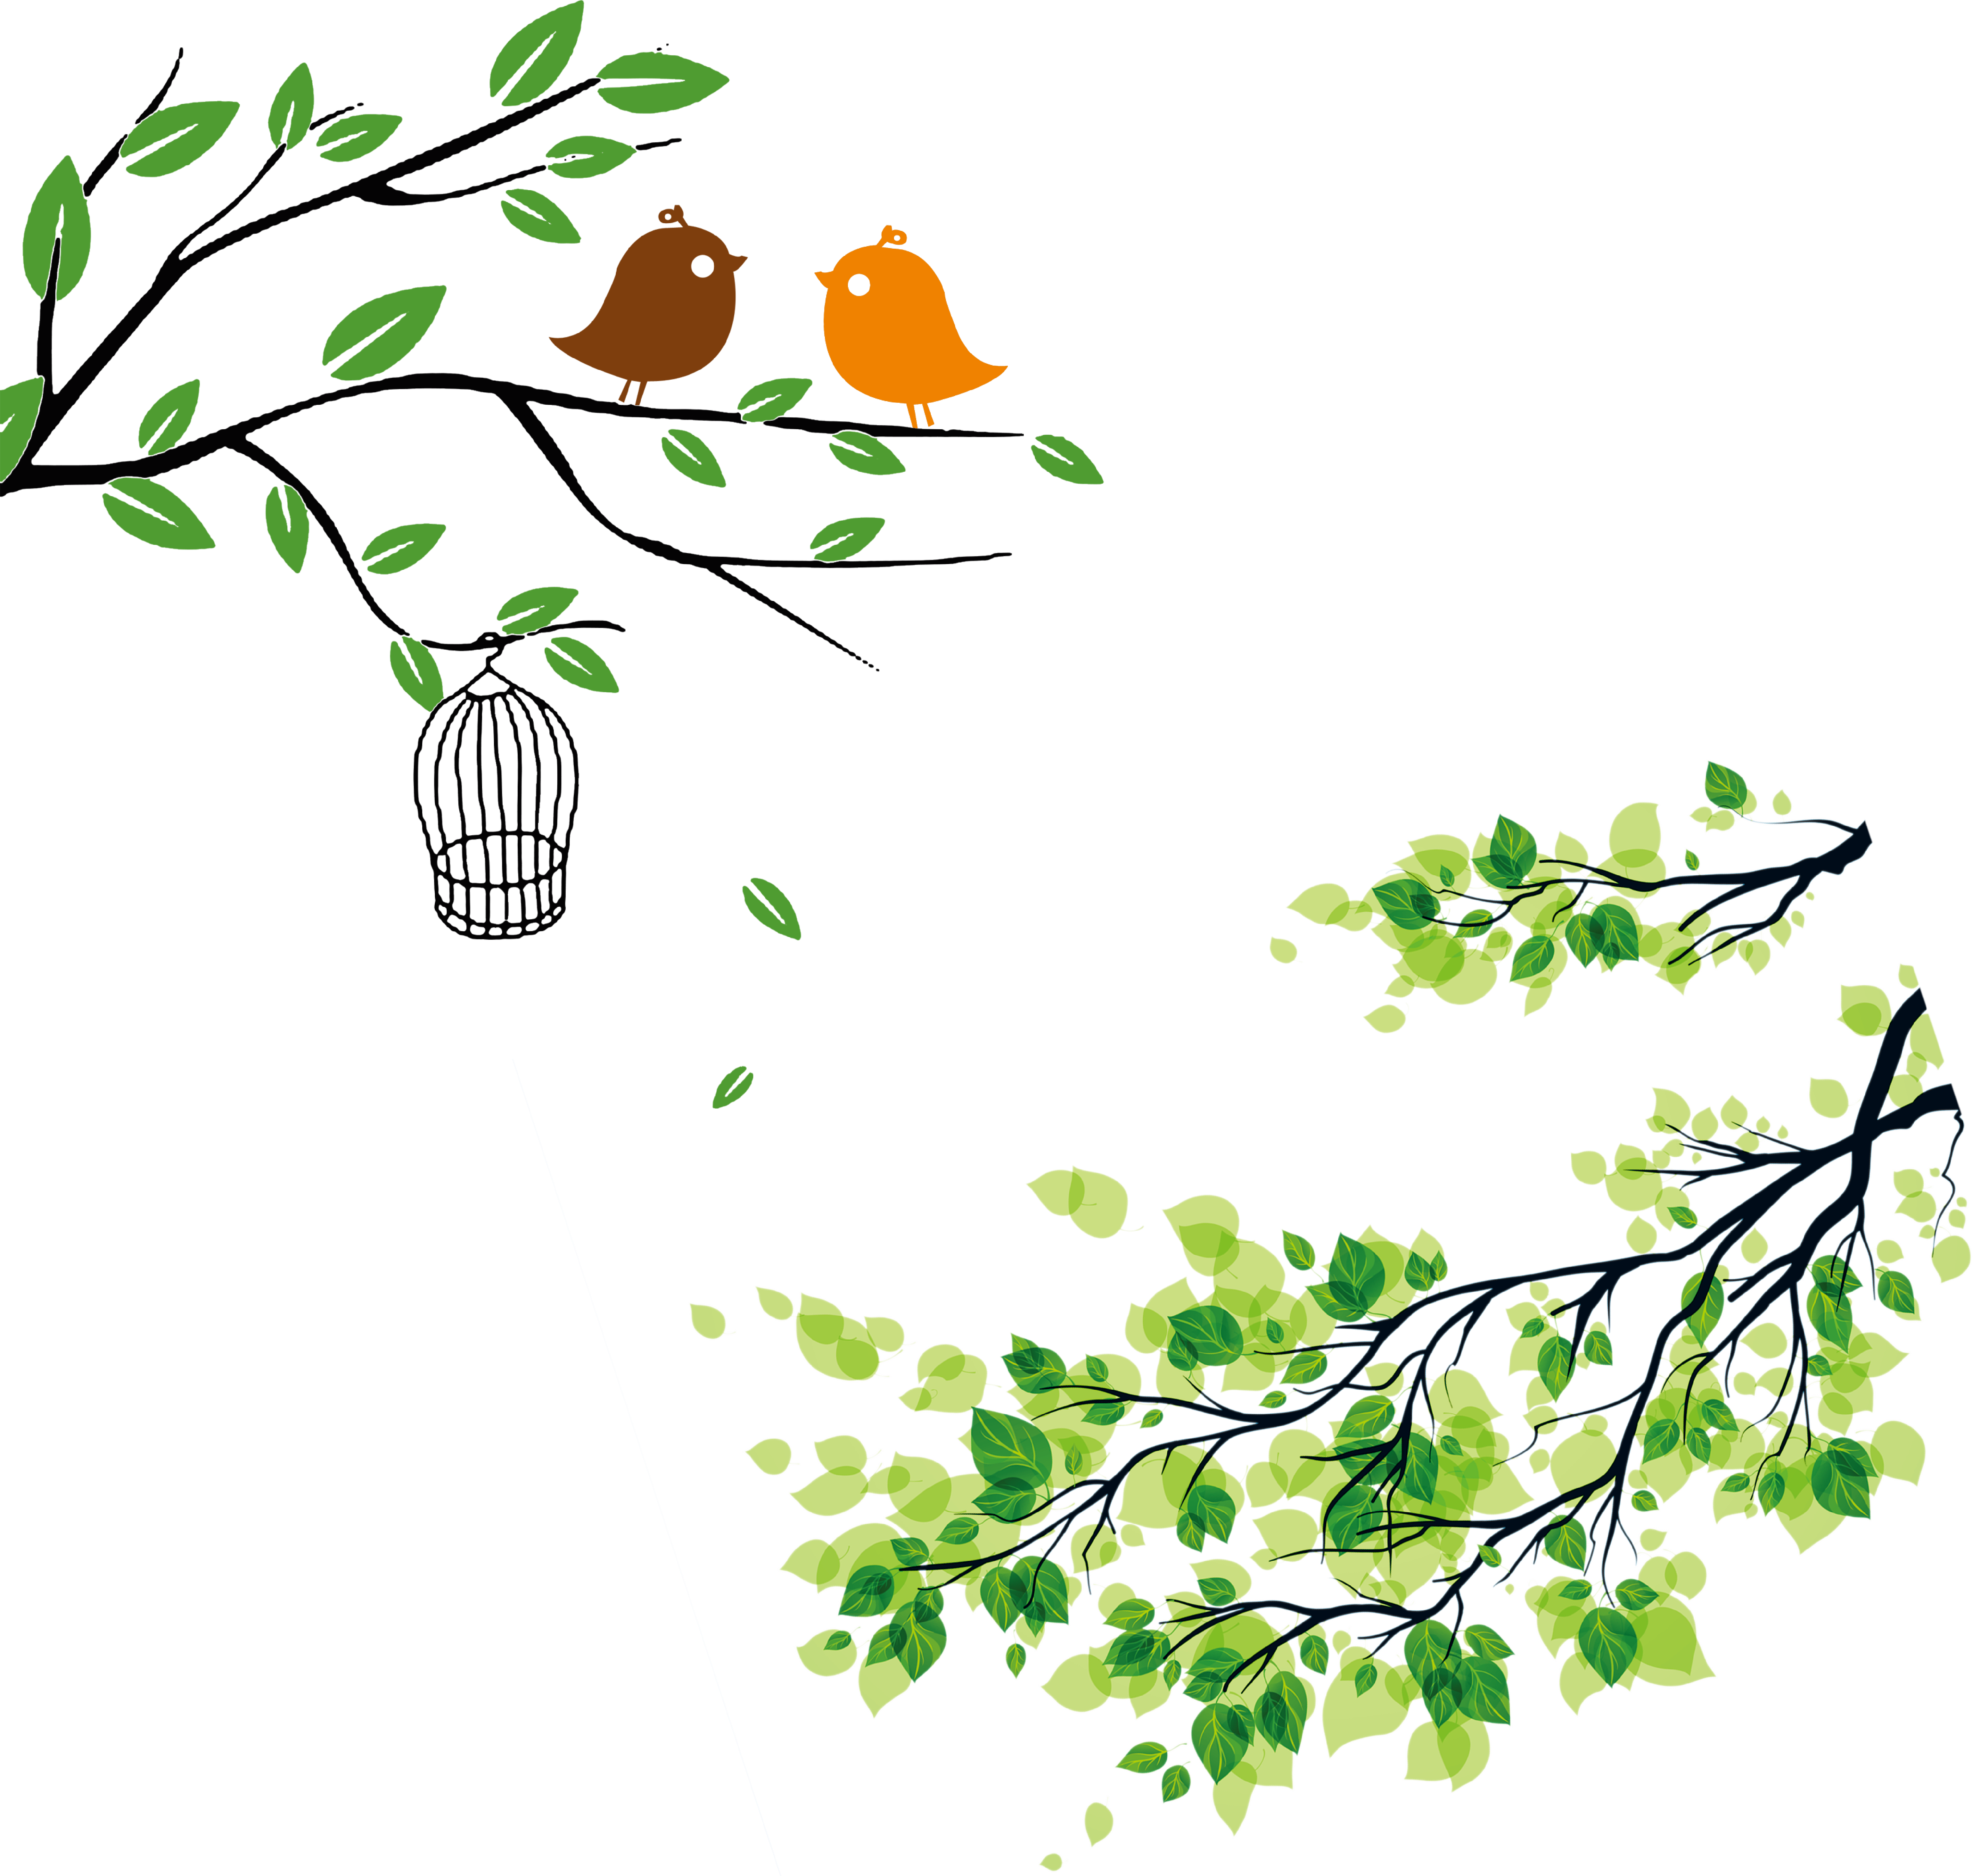 Pomegranate clipart branch. Leaf twig u bu